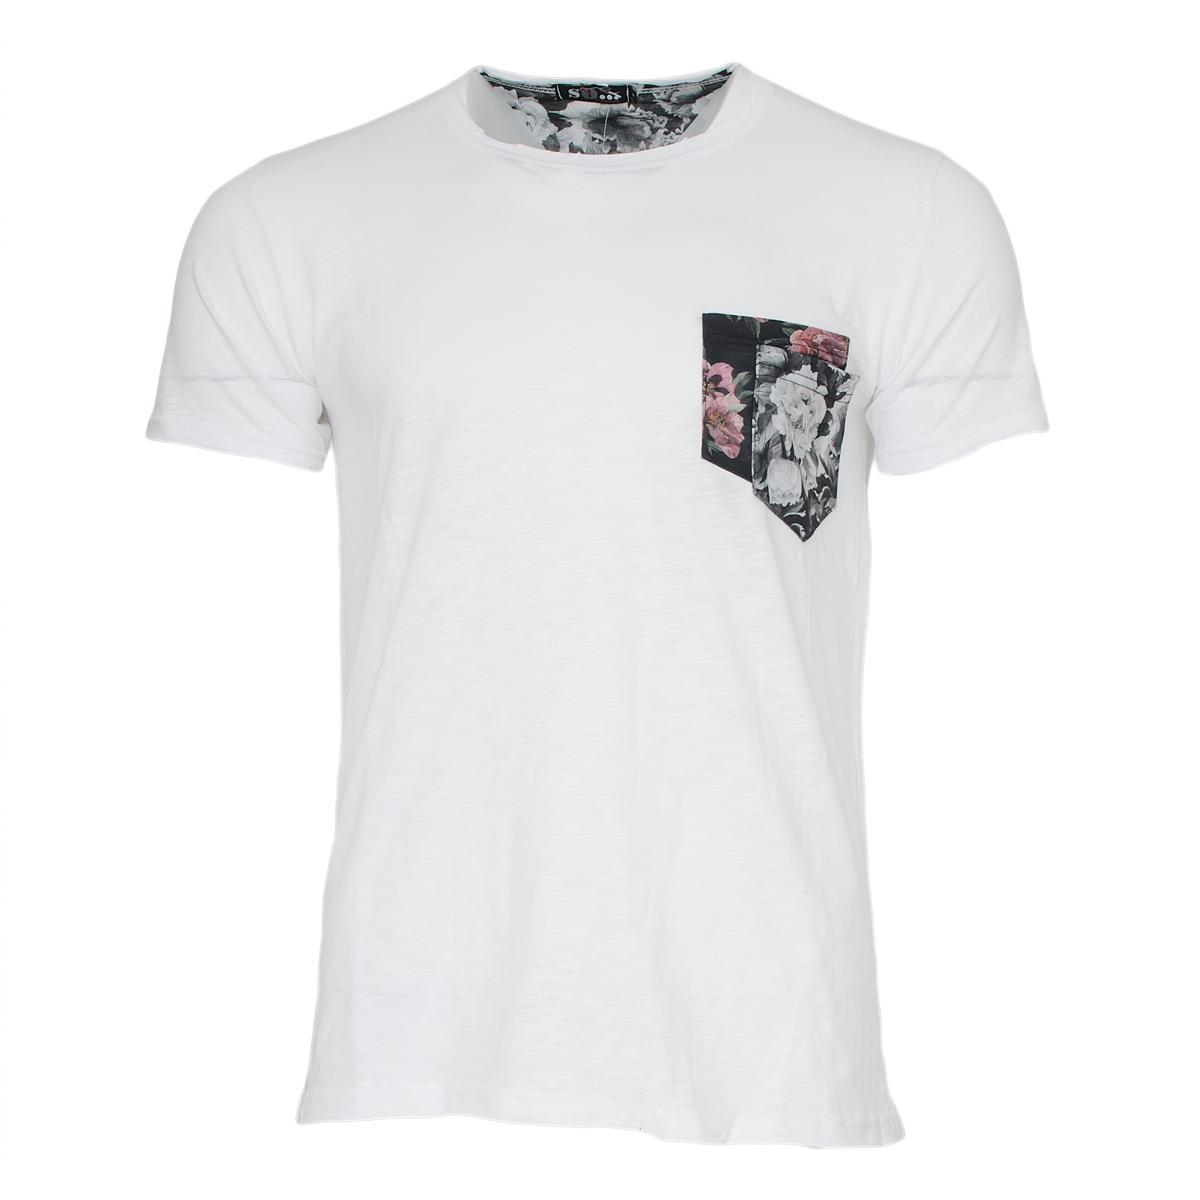 Ανδρικό Τ-shirt Double Pocket-Ίντιγκο αρχική ανδρικά ρούχα επιλογή ανά προϊόν t shirts